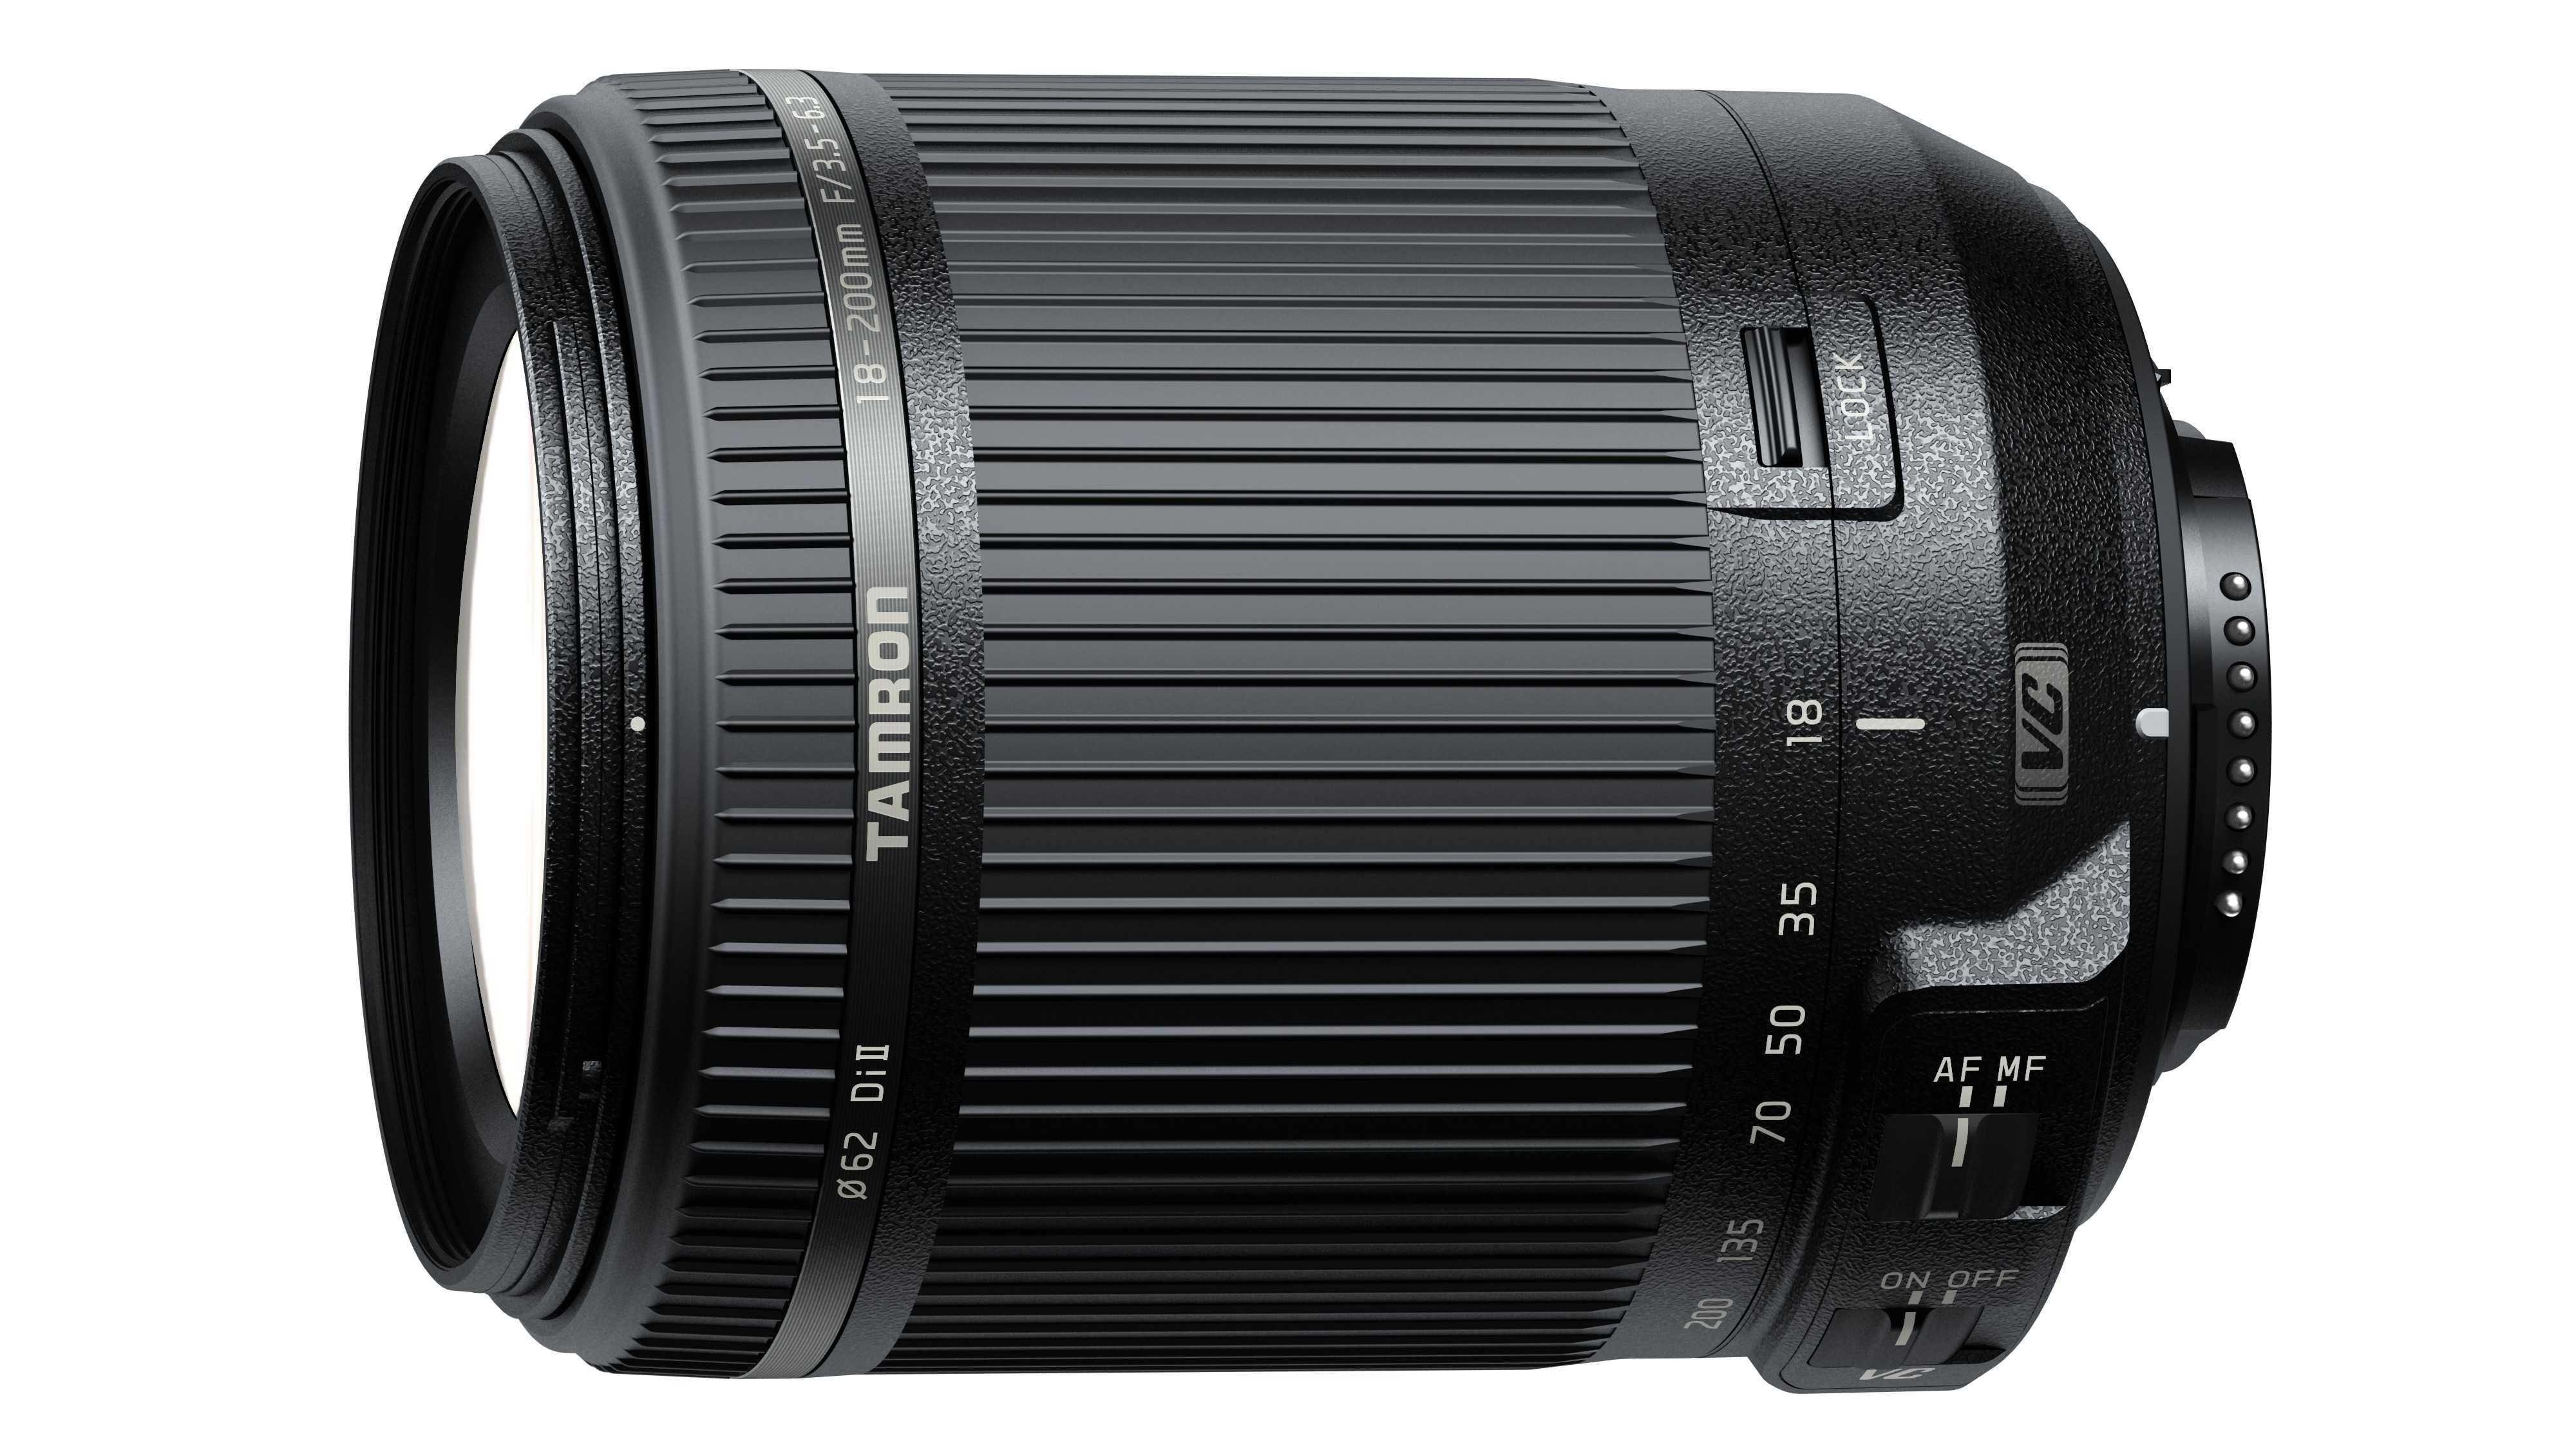 Neu: Tamron 3,5-6,3/18-200 mm für für APS-C-DSLRs von Canon und Nikon